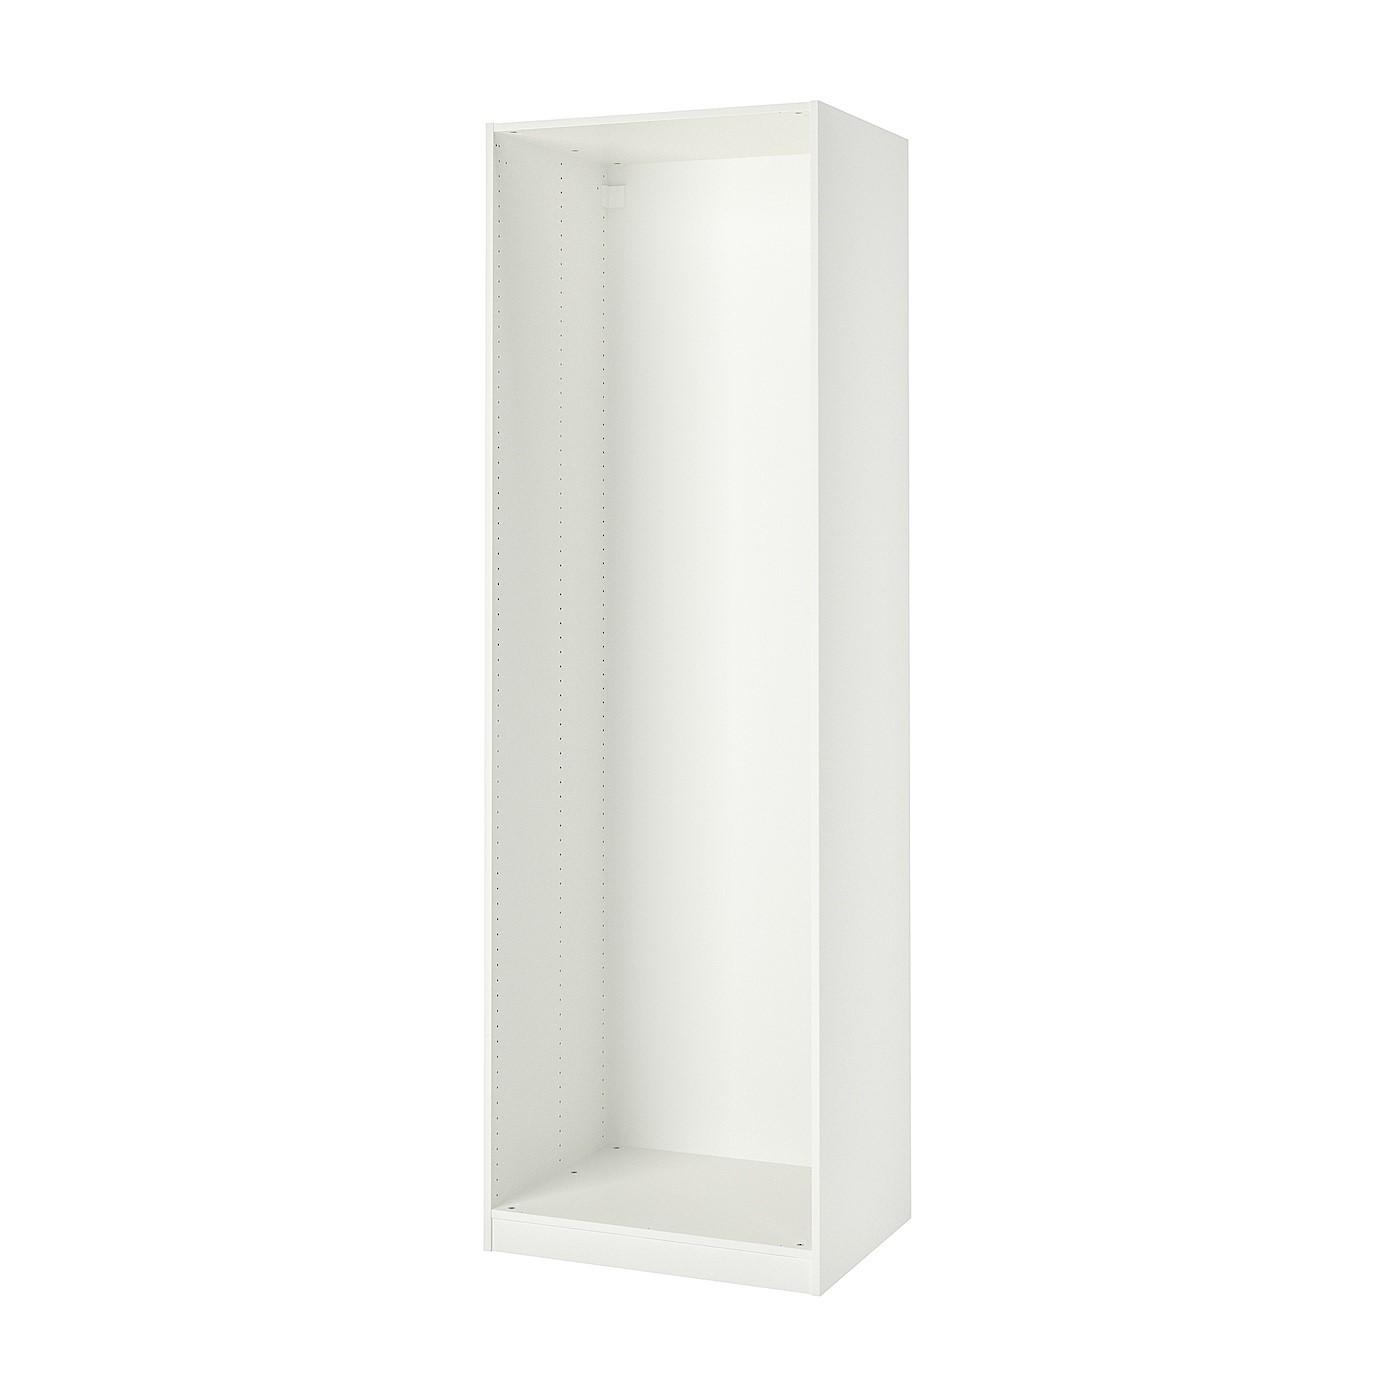 IKEA PAX каркас гардероба белый 75x58x236 20214571